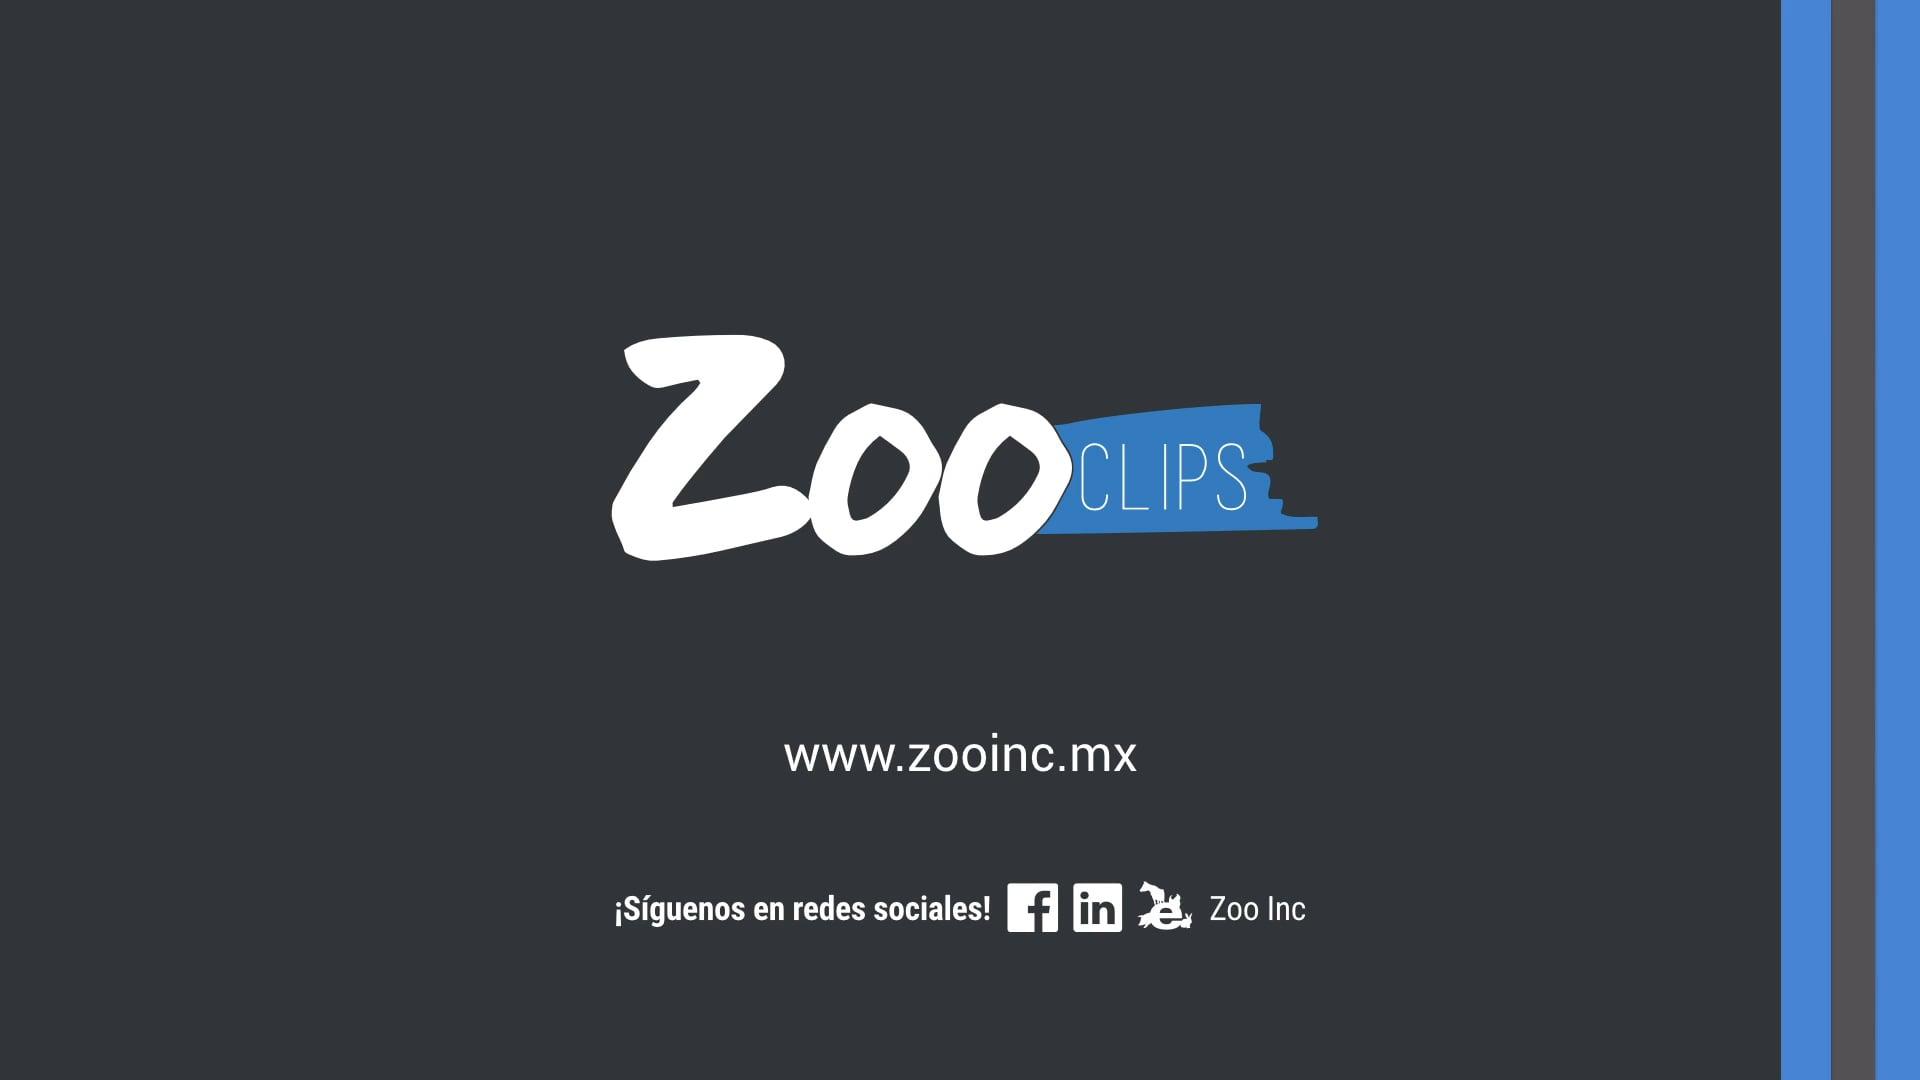 Zoo Clip: Diferenciación de marca